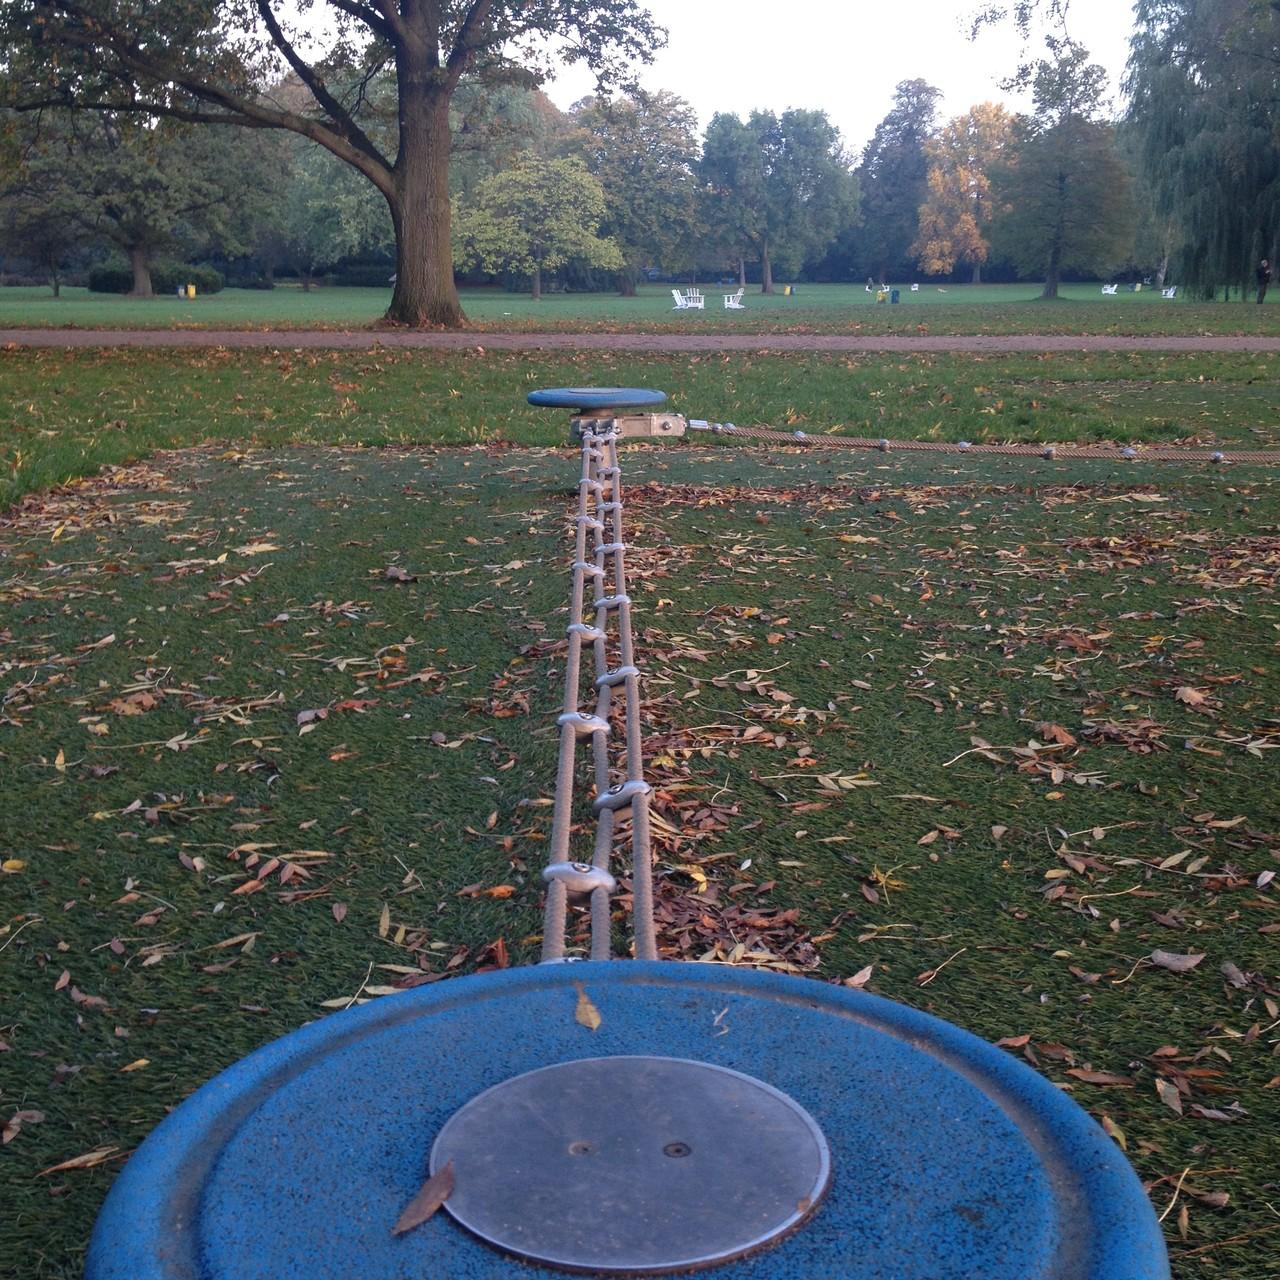 23.10.14, ist der Weg das Ziel? Oder das Ziel das Ziel?